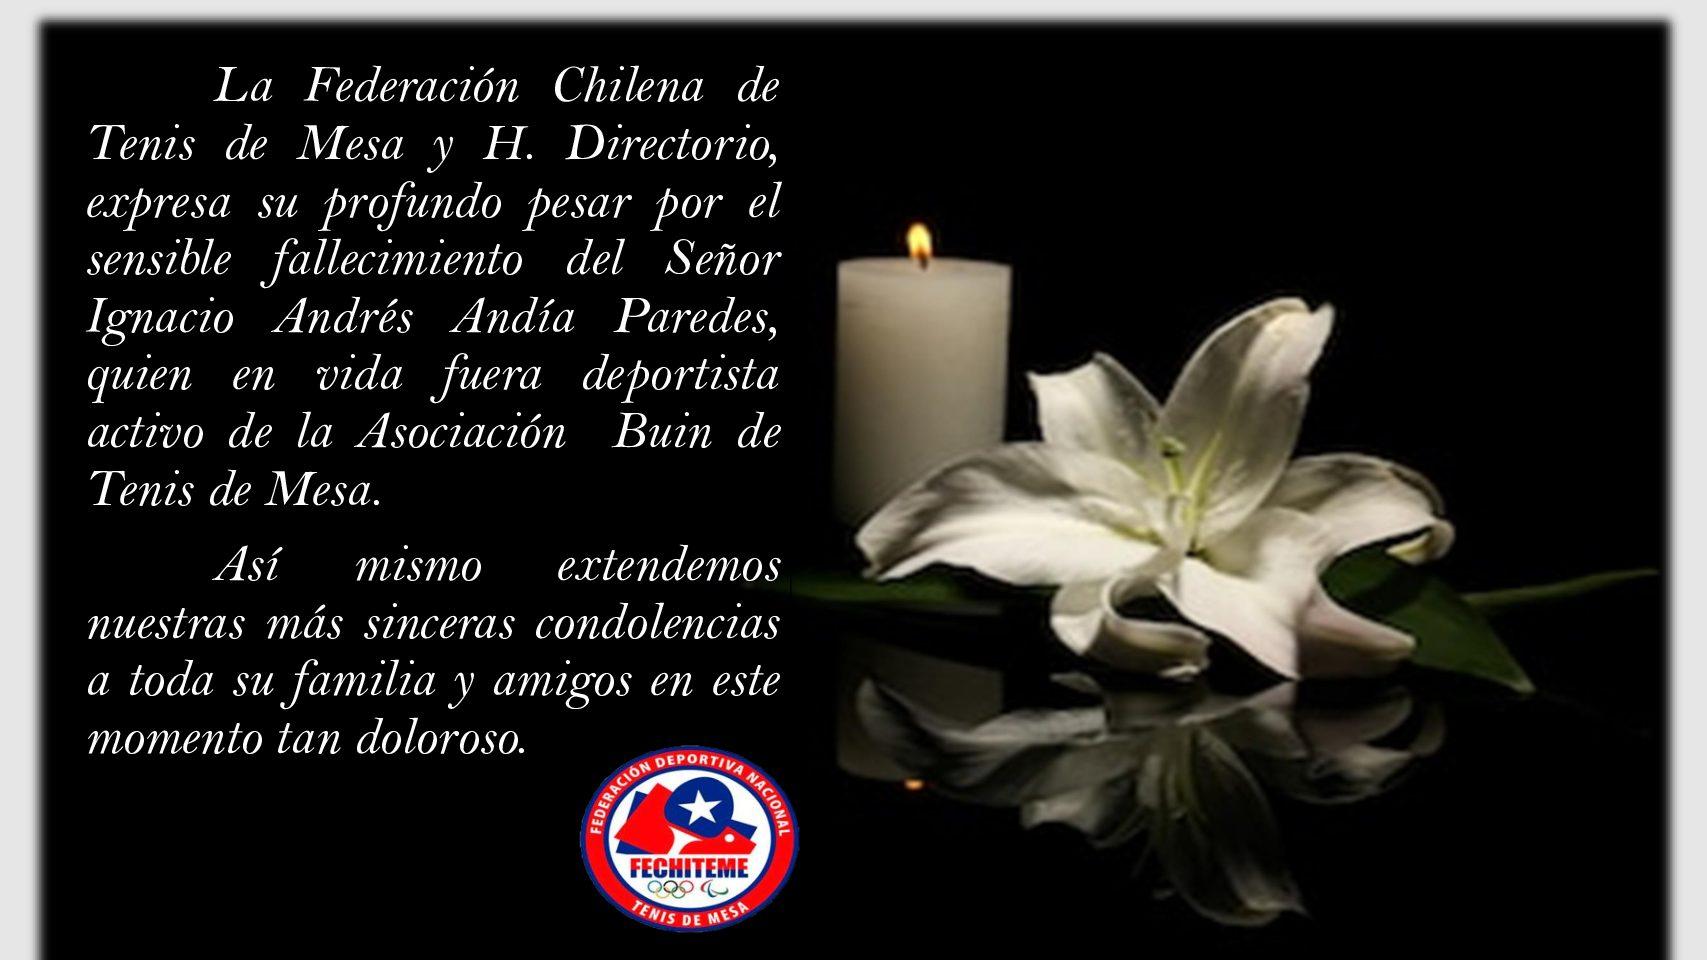 Fechiteme envía condolencias a Familiares del jugador Ignacio Andía Paredes, Paz a sus restos.